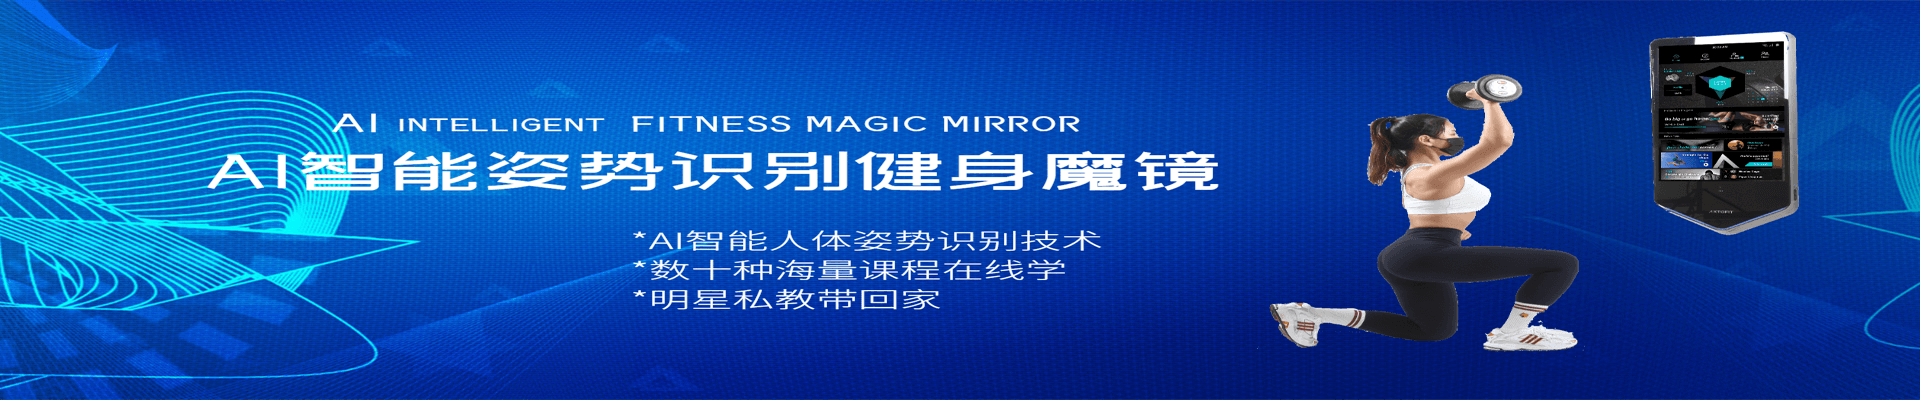 杭州亞辰電子科技有限公司公司介紹